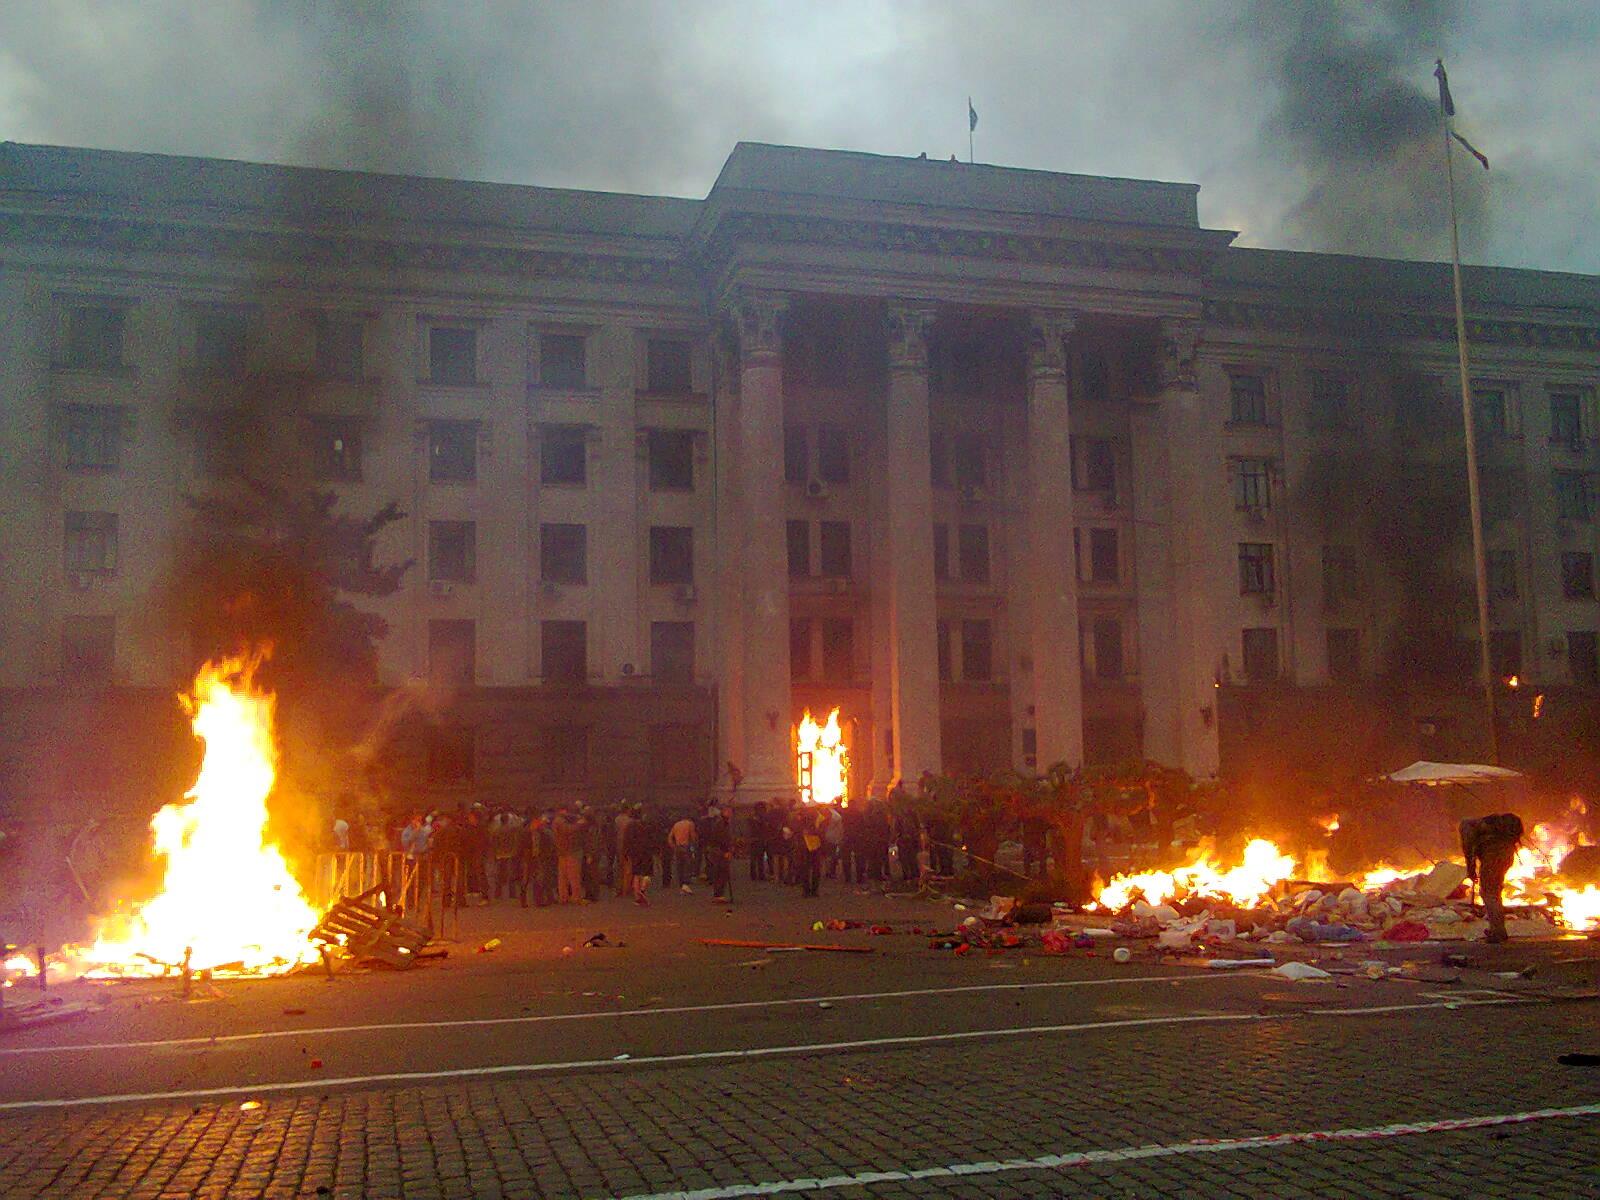 Одесская полиция заявила об утрате улик по делу о событиях в Доме профсоюзов